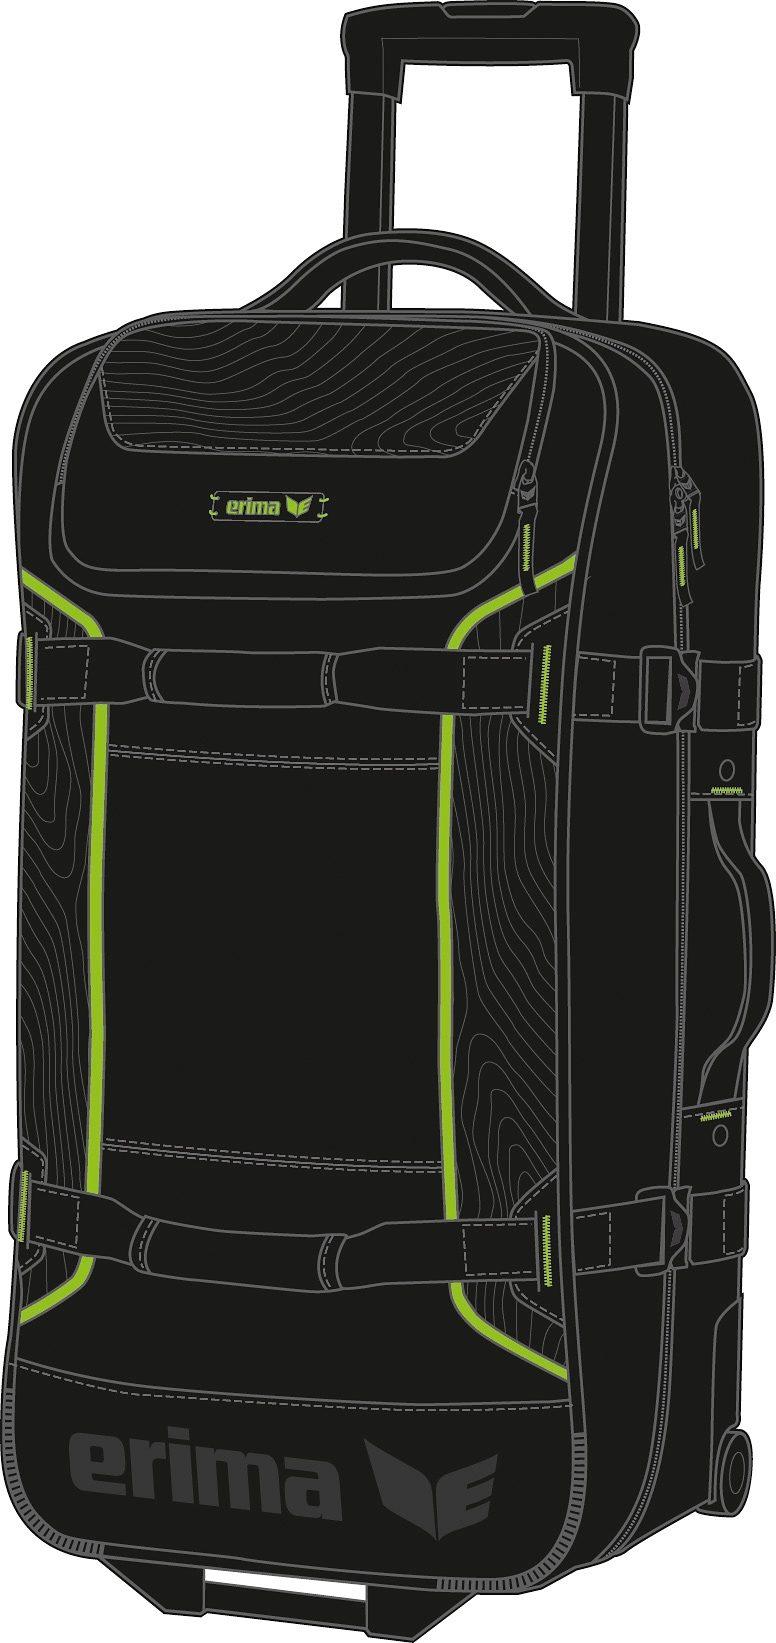 ERIMA Travel Line Sportreisetasche S mit Rollen